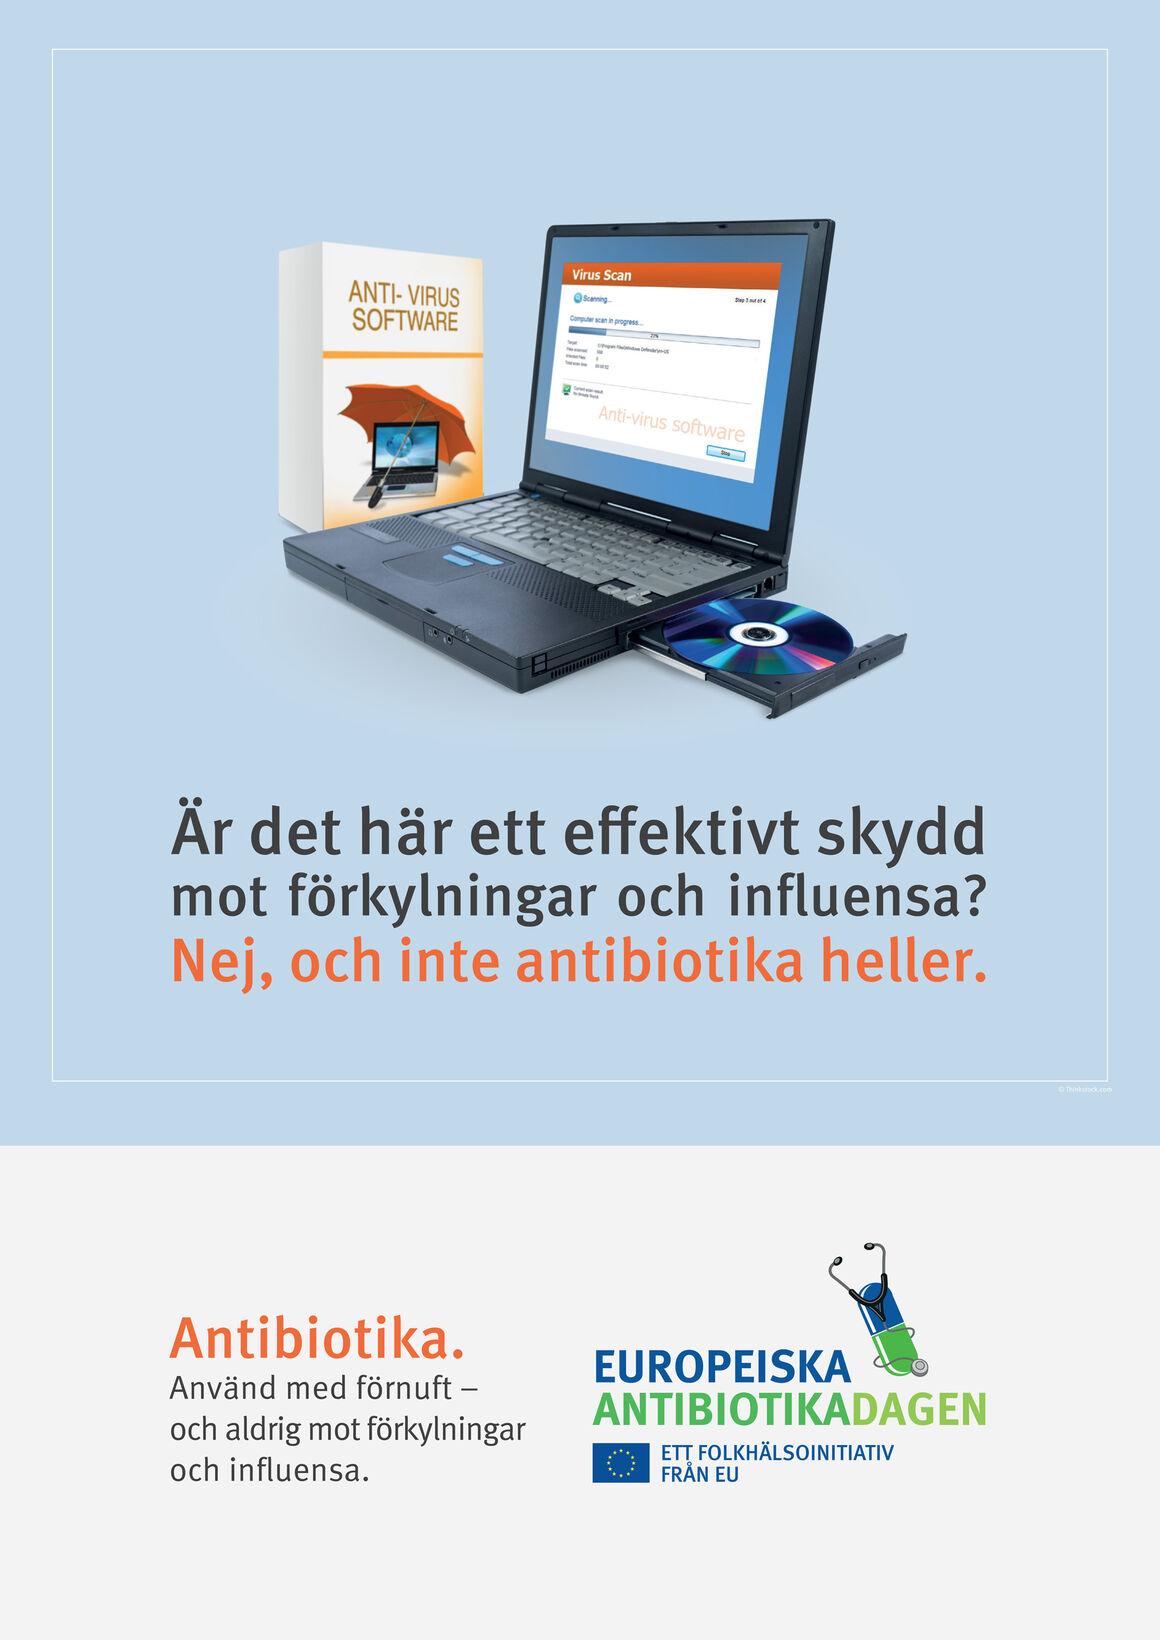 Affischer: Är det här ett effektivt skydd mot förkylningar och influensa? Nej, och inte antibiotika heller.